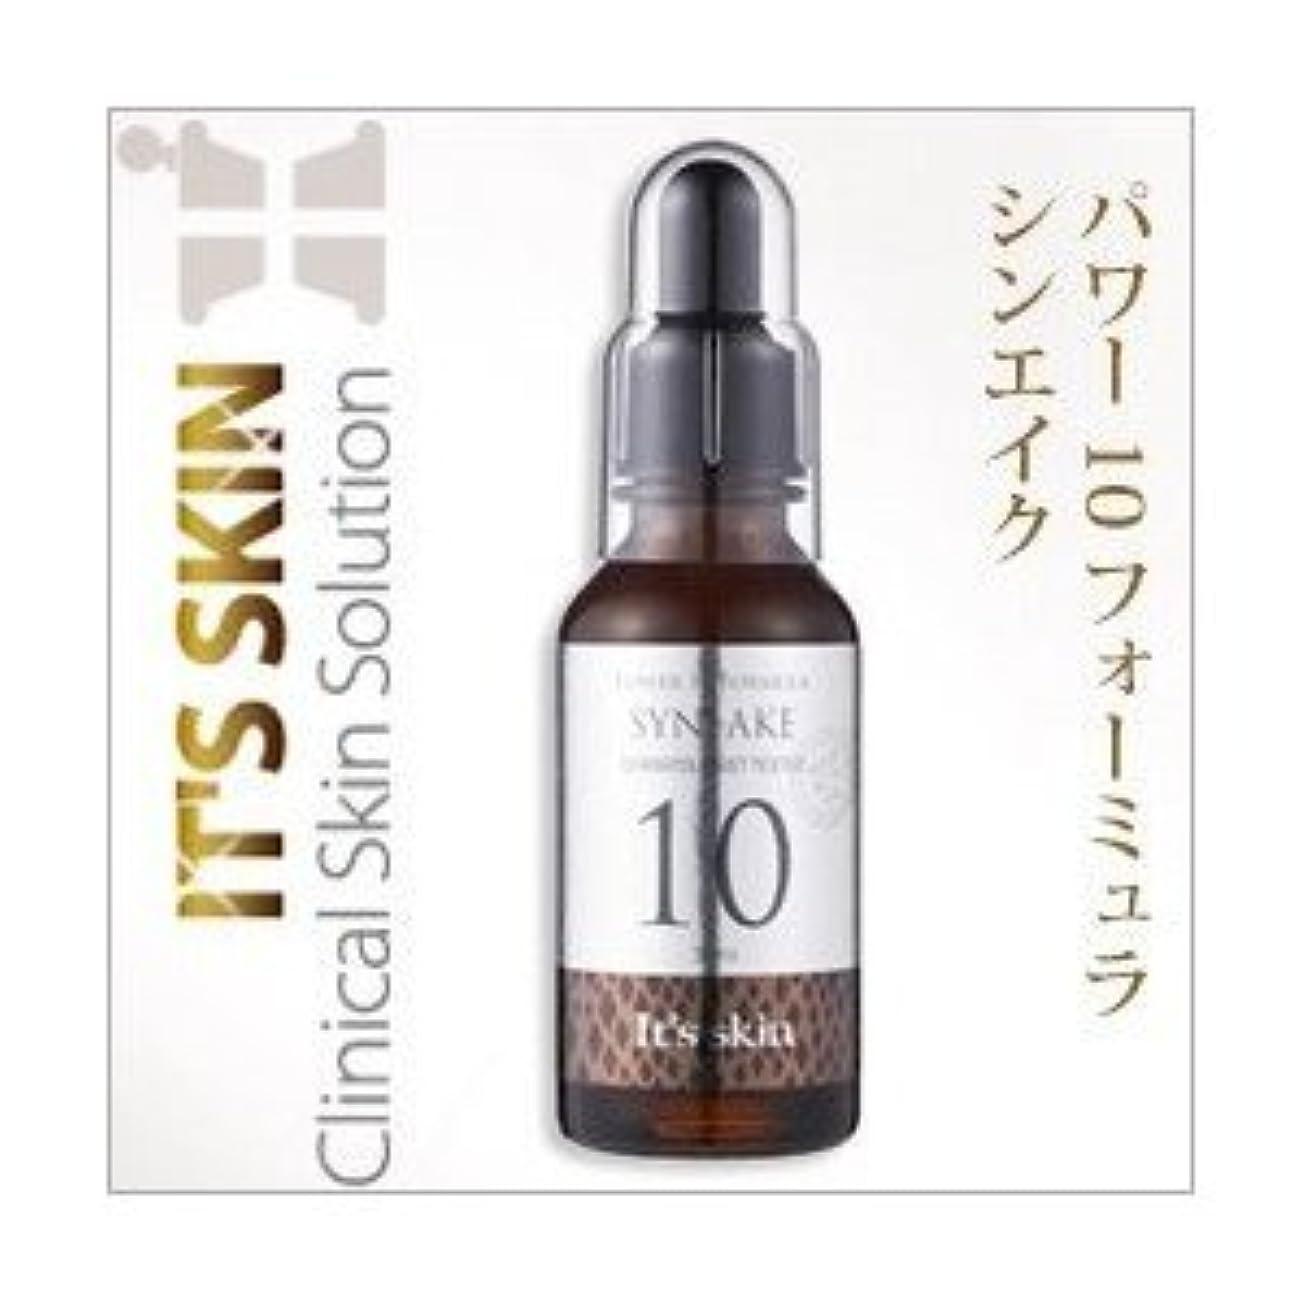 倍増持参遺跡It's skin/イッツスキン power 10 formula SYN-AKE パワー 10 フォーミュラ シンエイク (毒ヘビ) 30ml